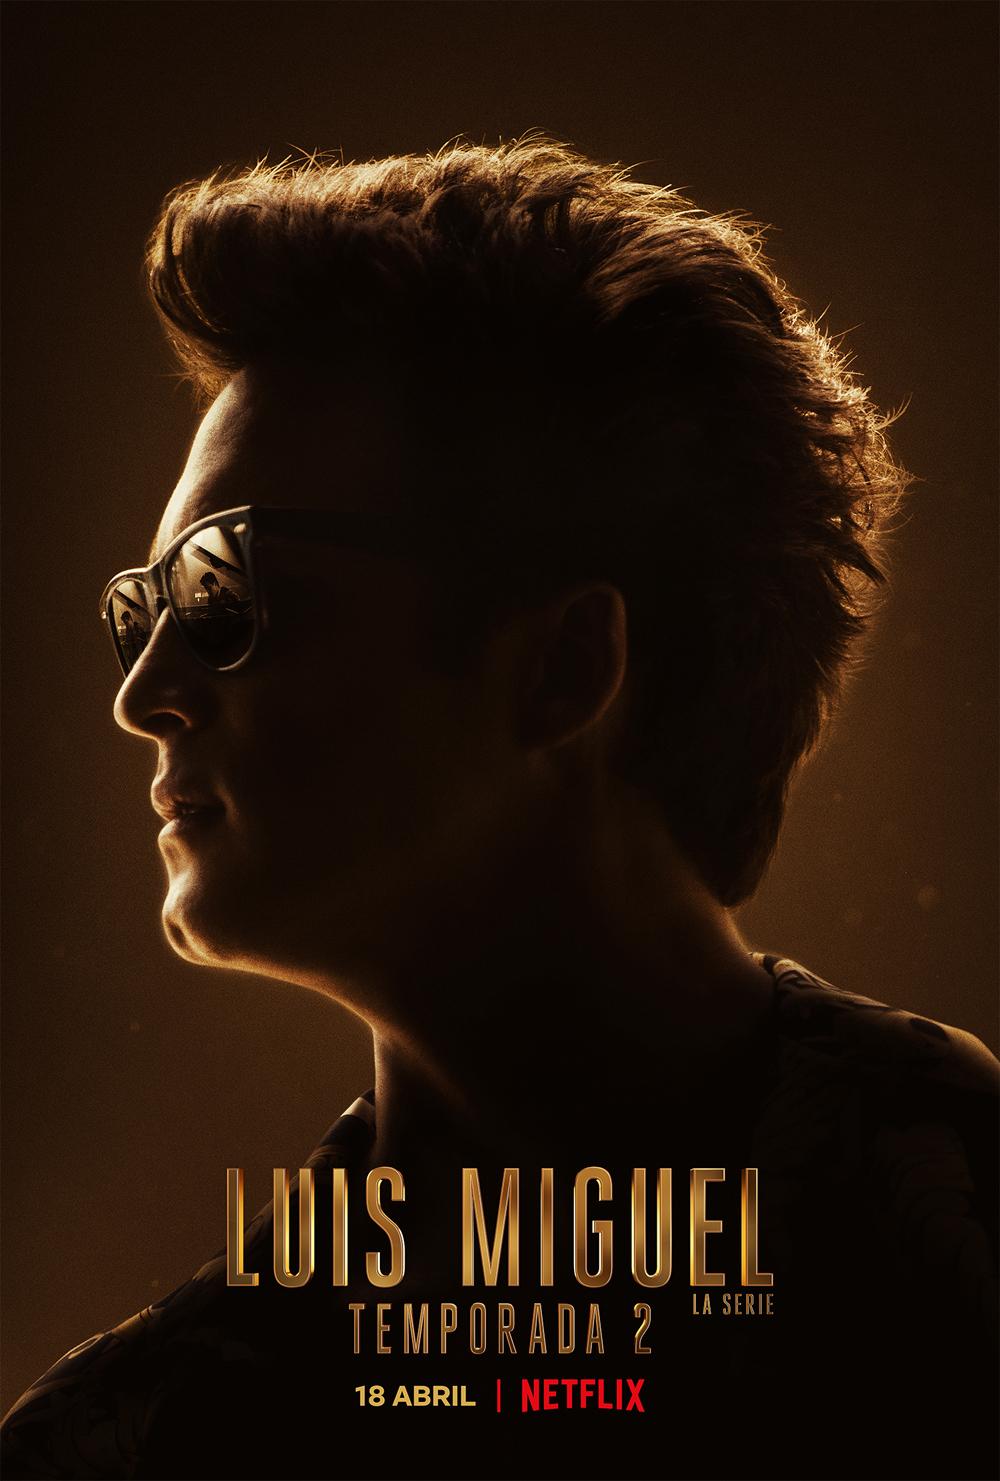 #Video Eclipse de Sol trae la segunda temporada de 'Luis Miguel, la serie' - poster-de-luis-miguel-la-serie